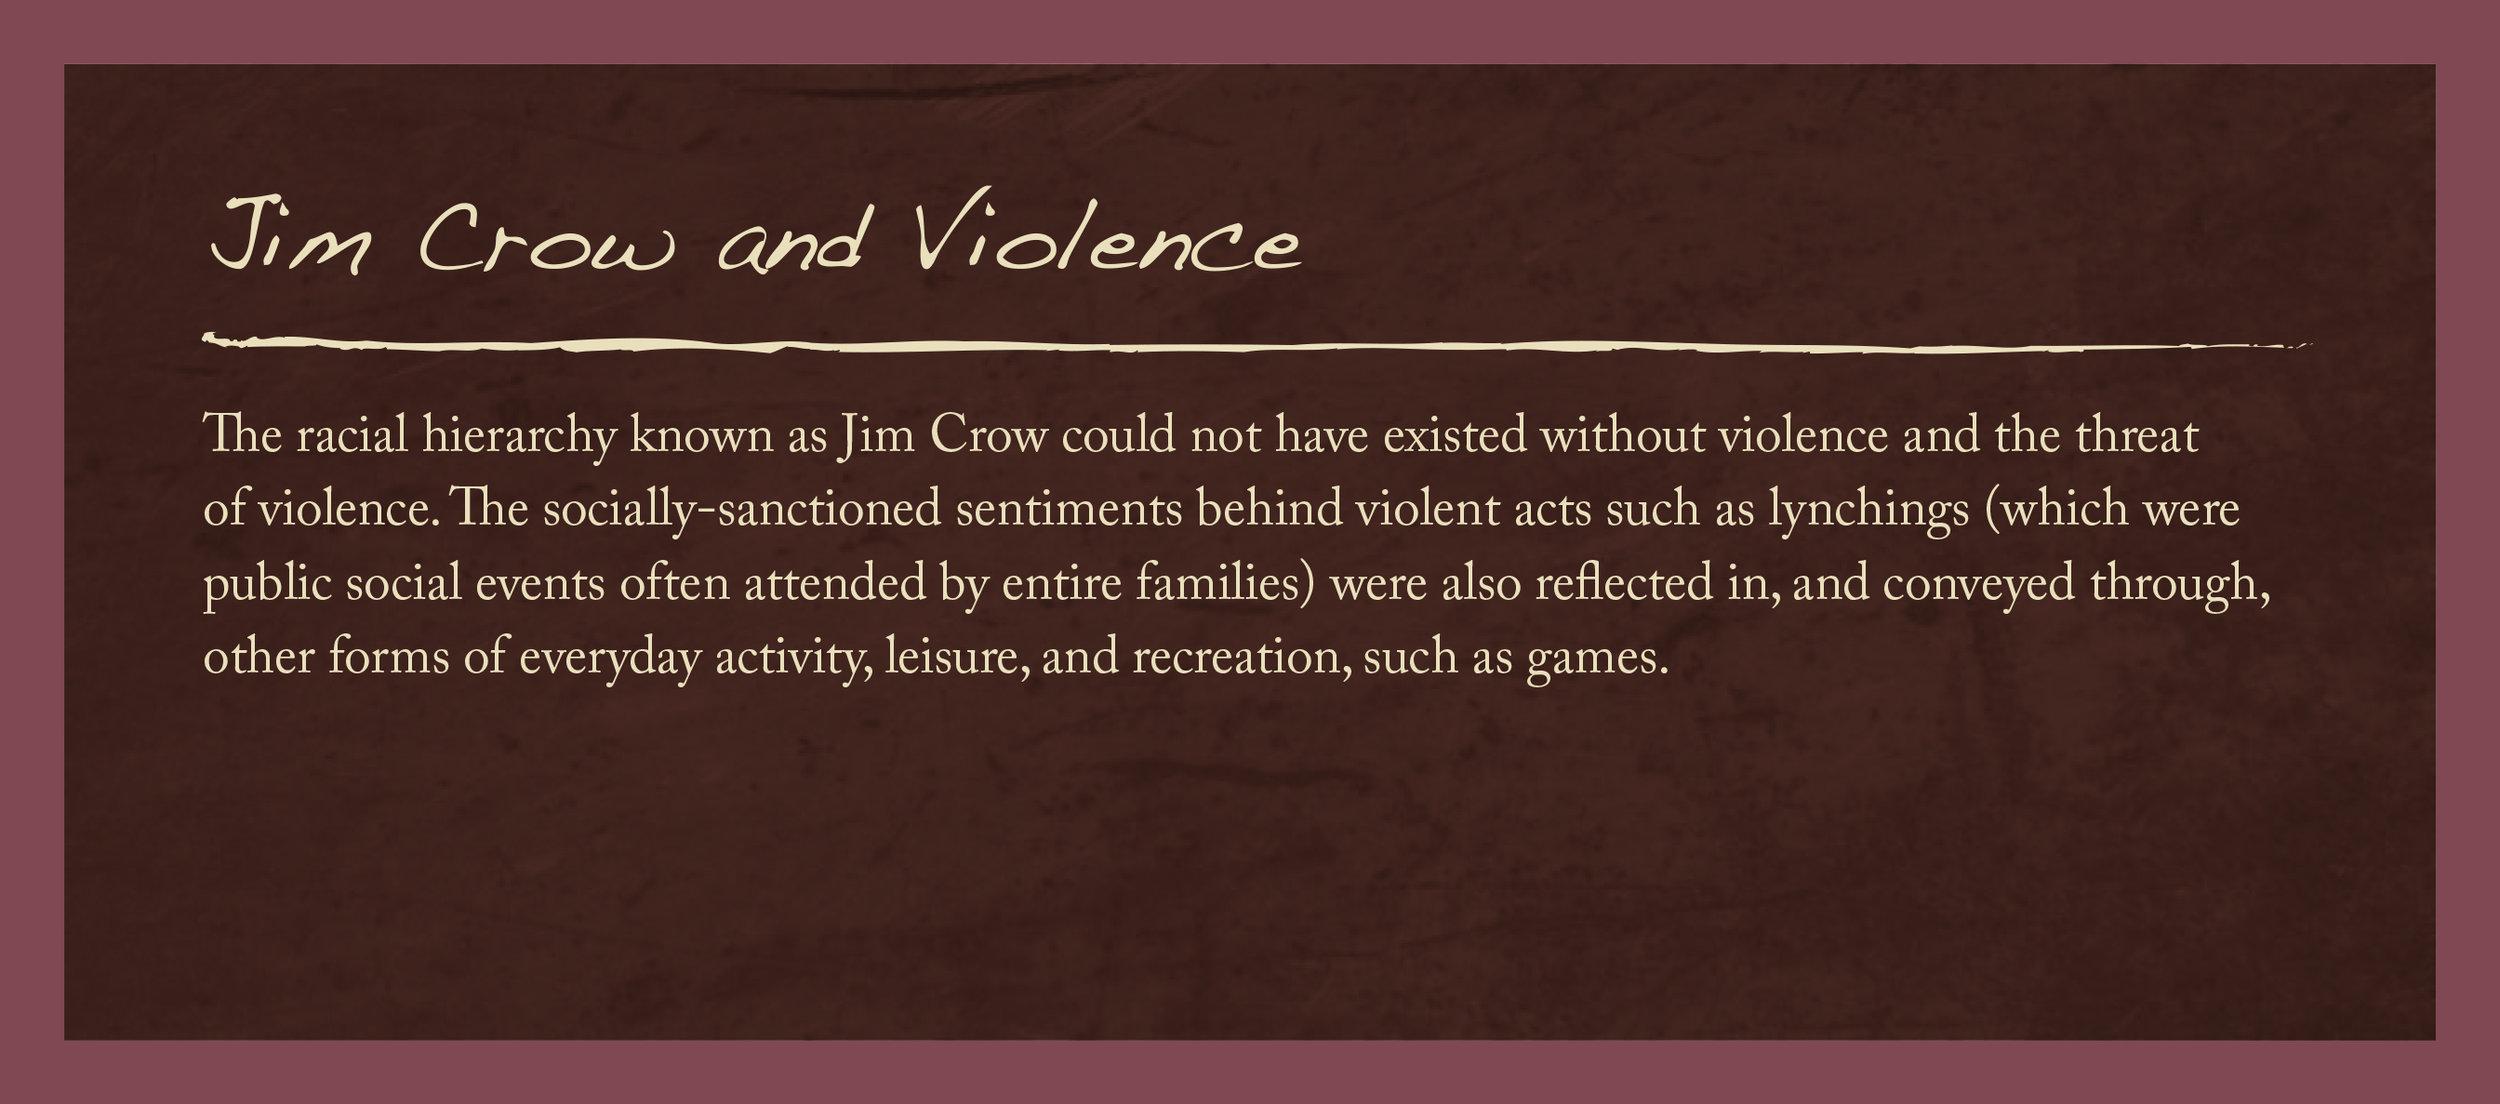 Jim Crow and Violence.jpg